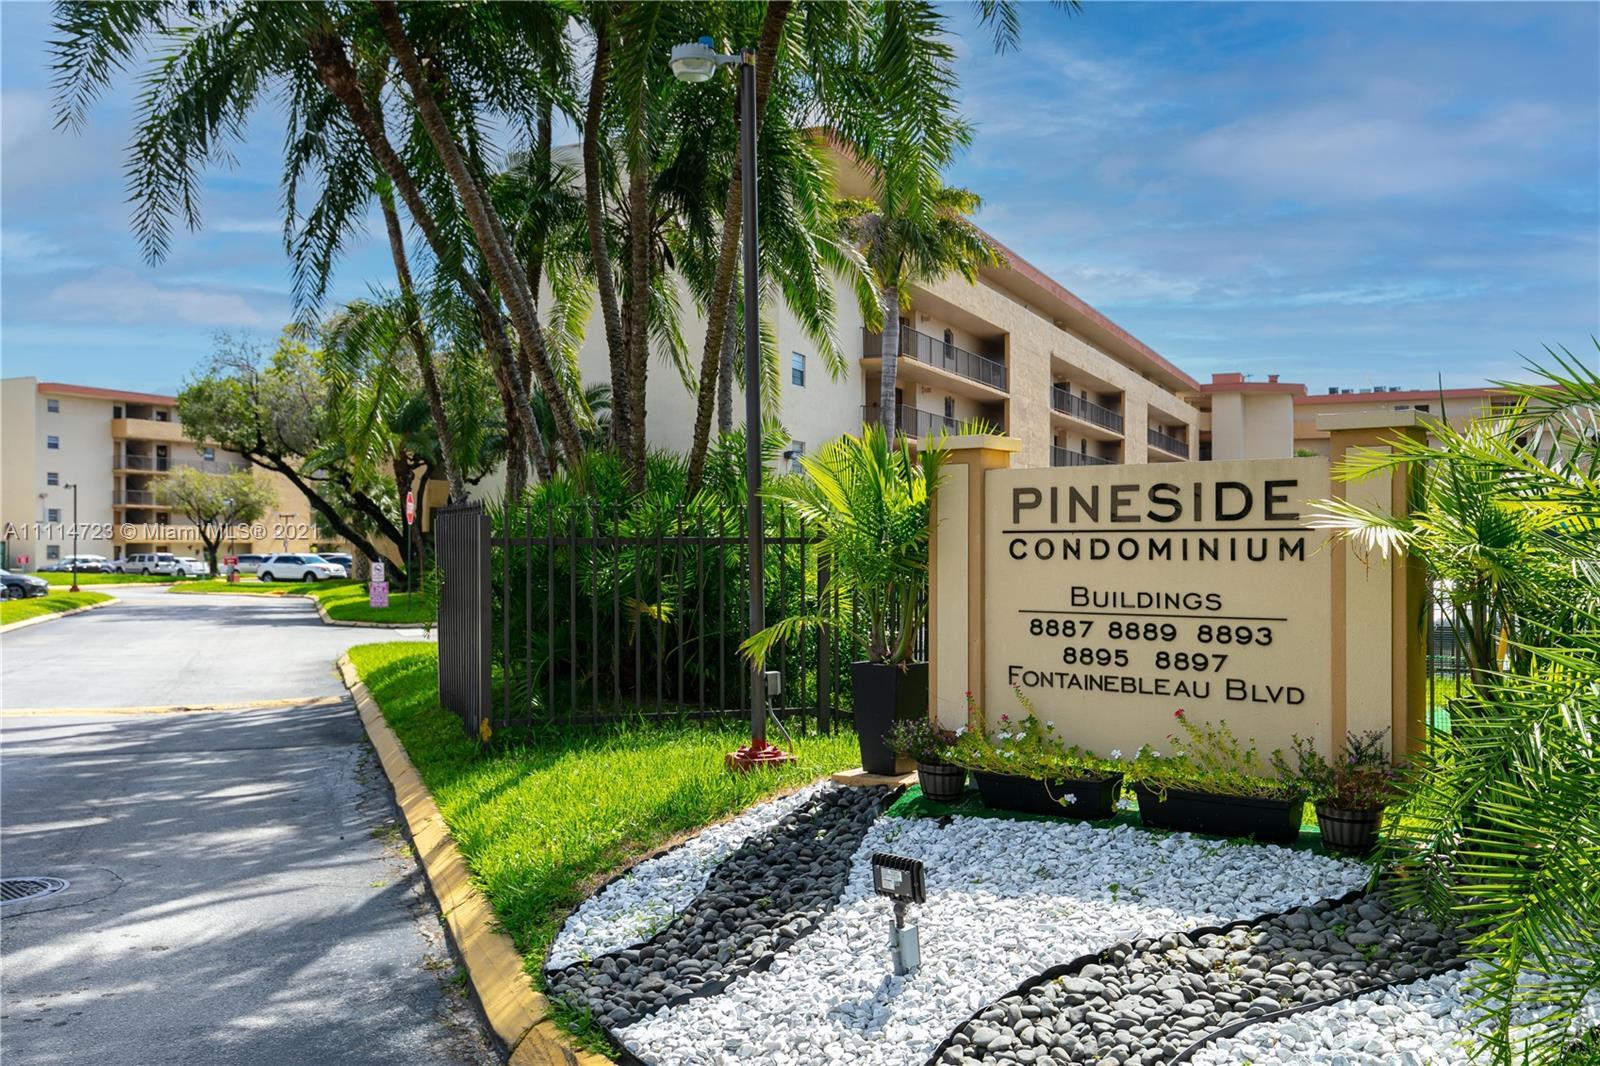 PINESIDE CONDO NO 1 Condo,For Sale,PINESIDE CONDO NO 1 Brickell,realty,broker,condos near me